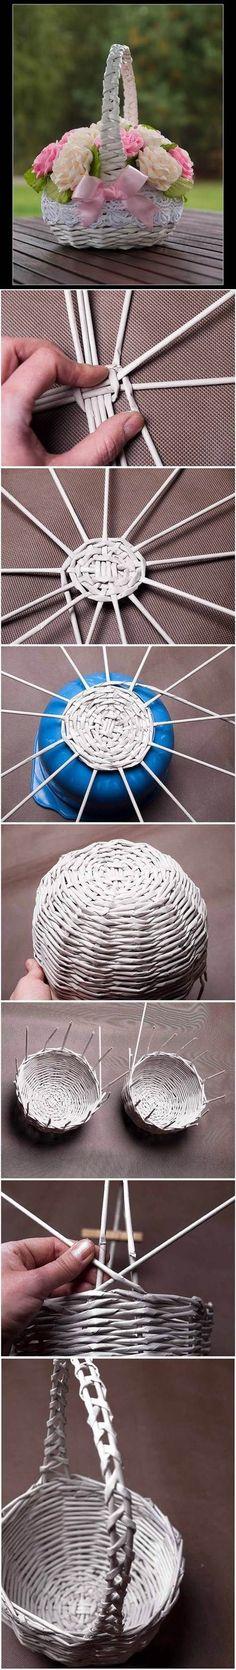 DIY Newspaper Tubes Weaving Basket